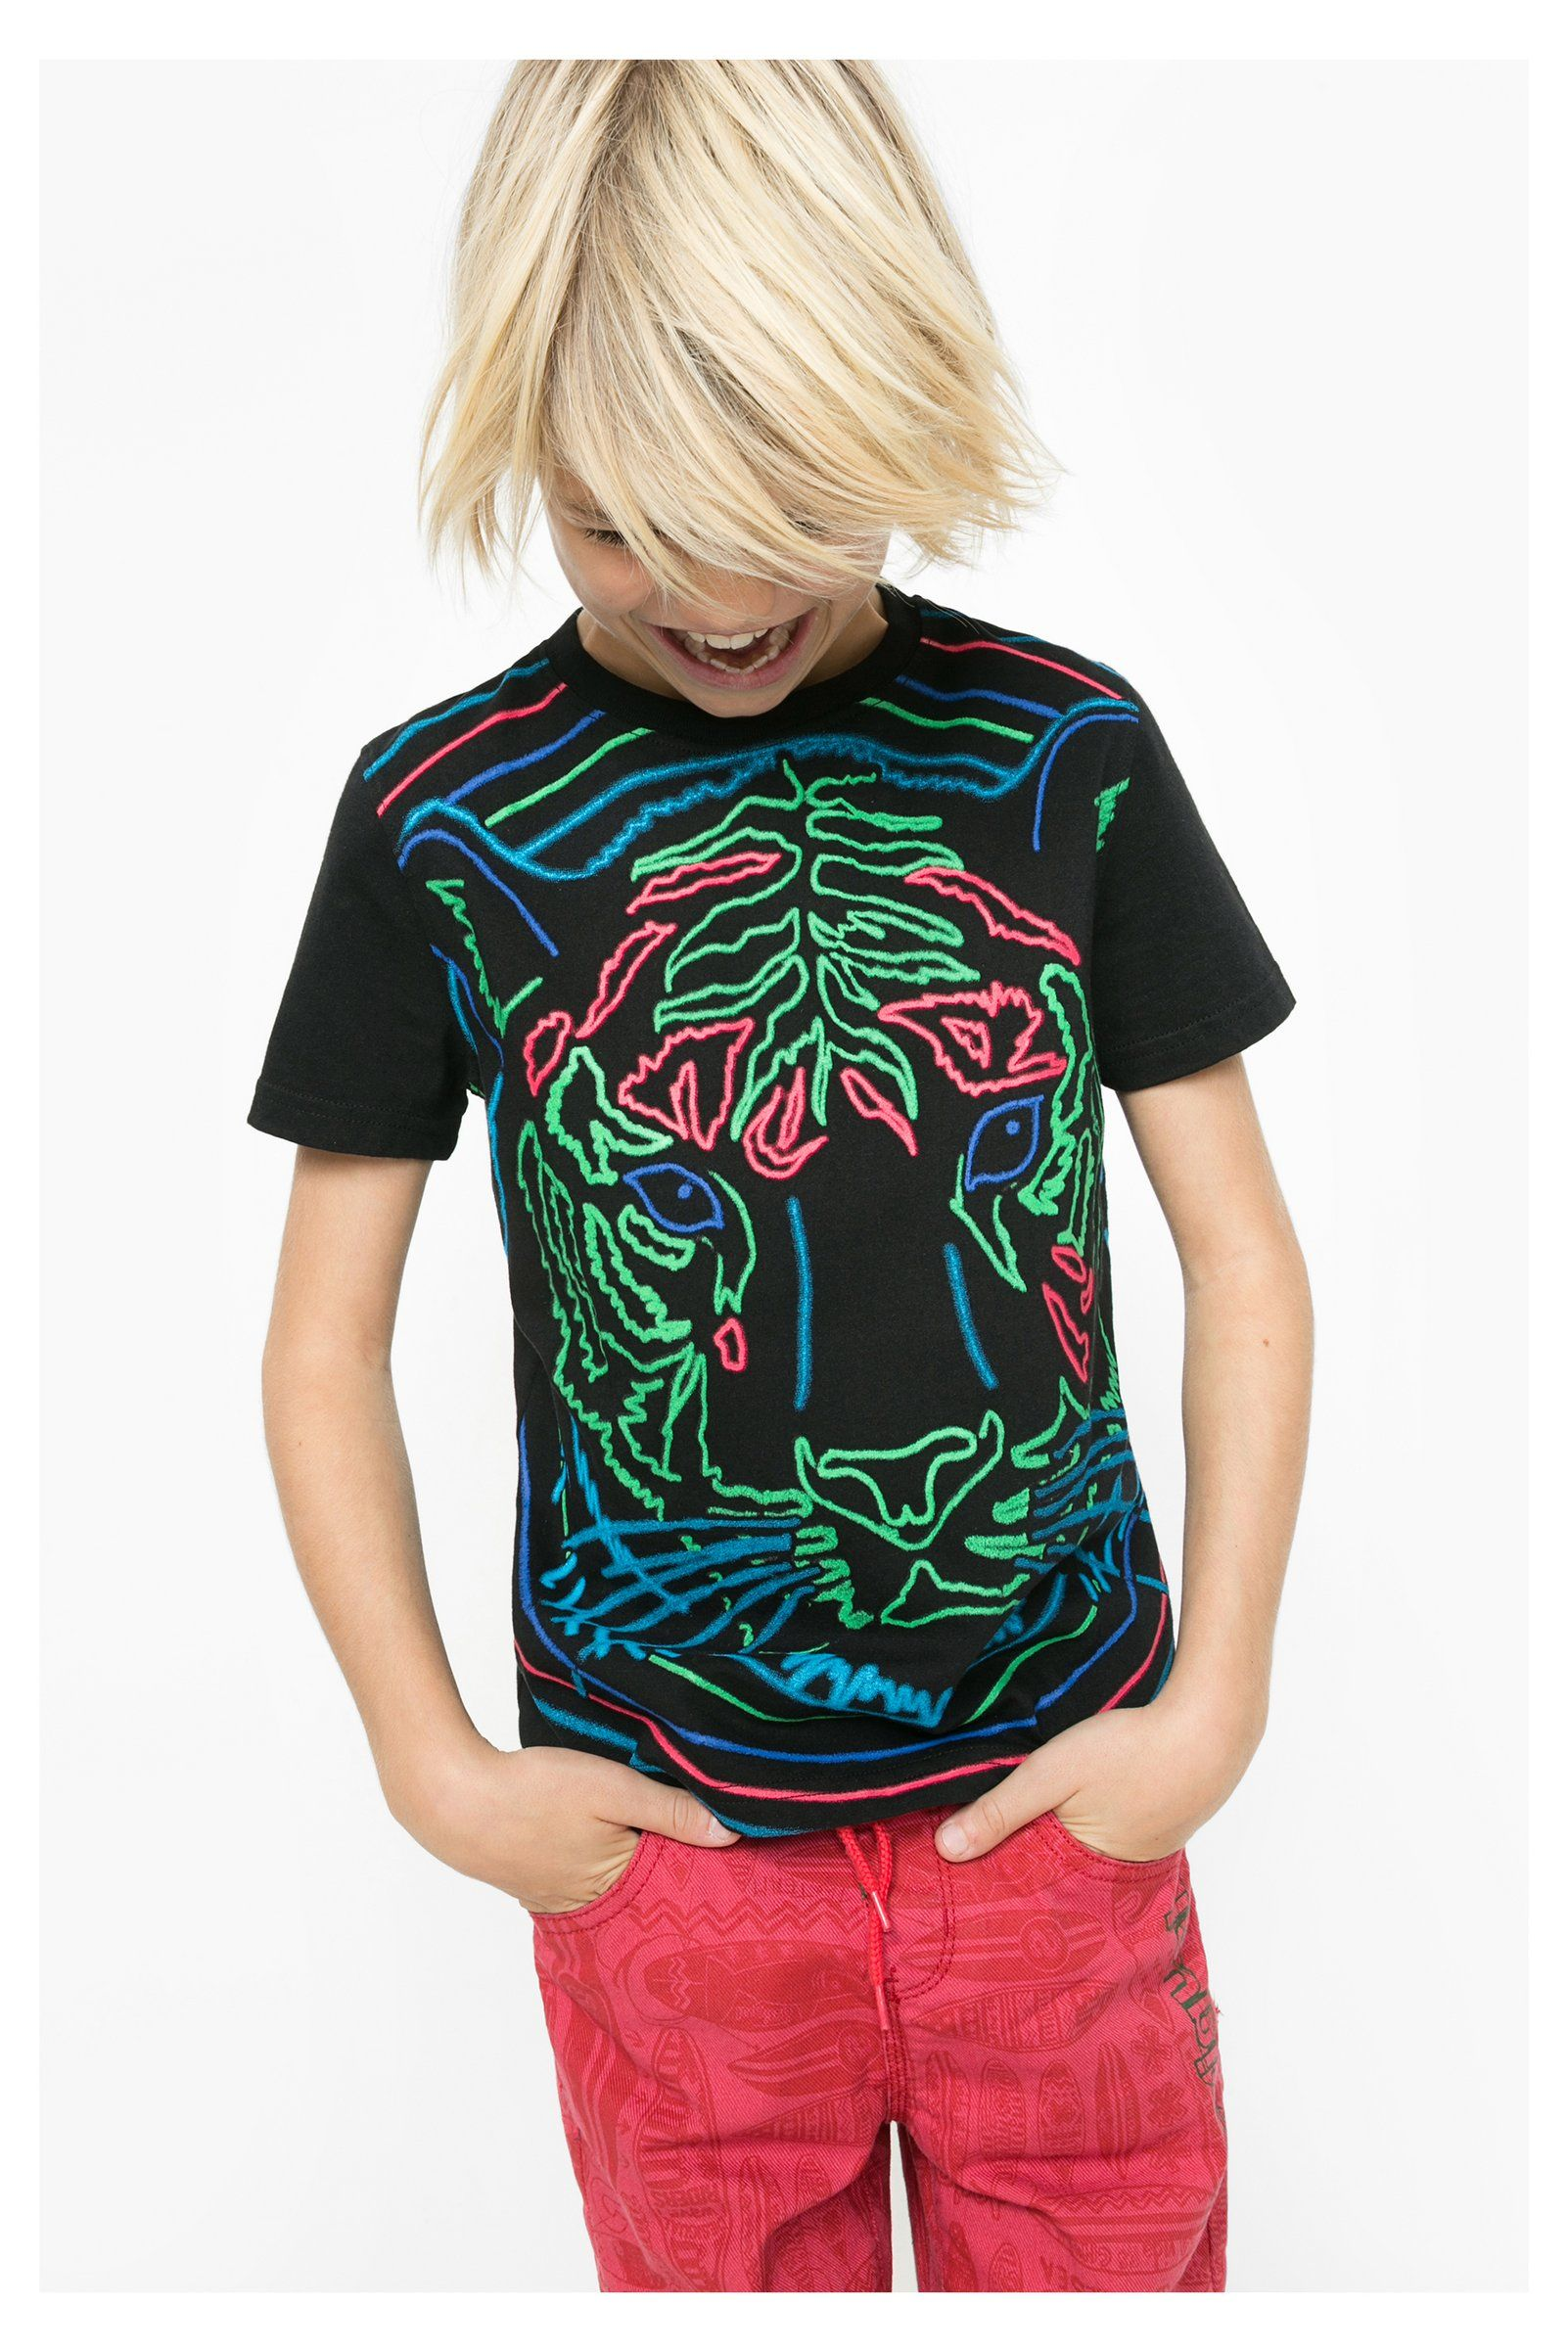 Camiseta de manga corta para niño Desigual. La colección viene con ganas de  jugar 40107ac89e67f